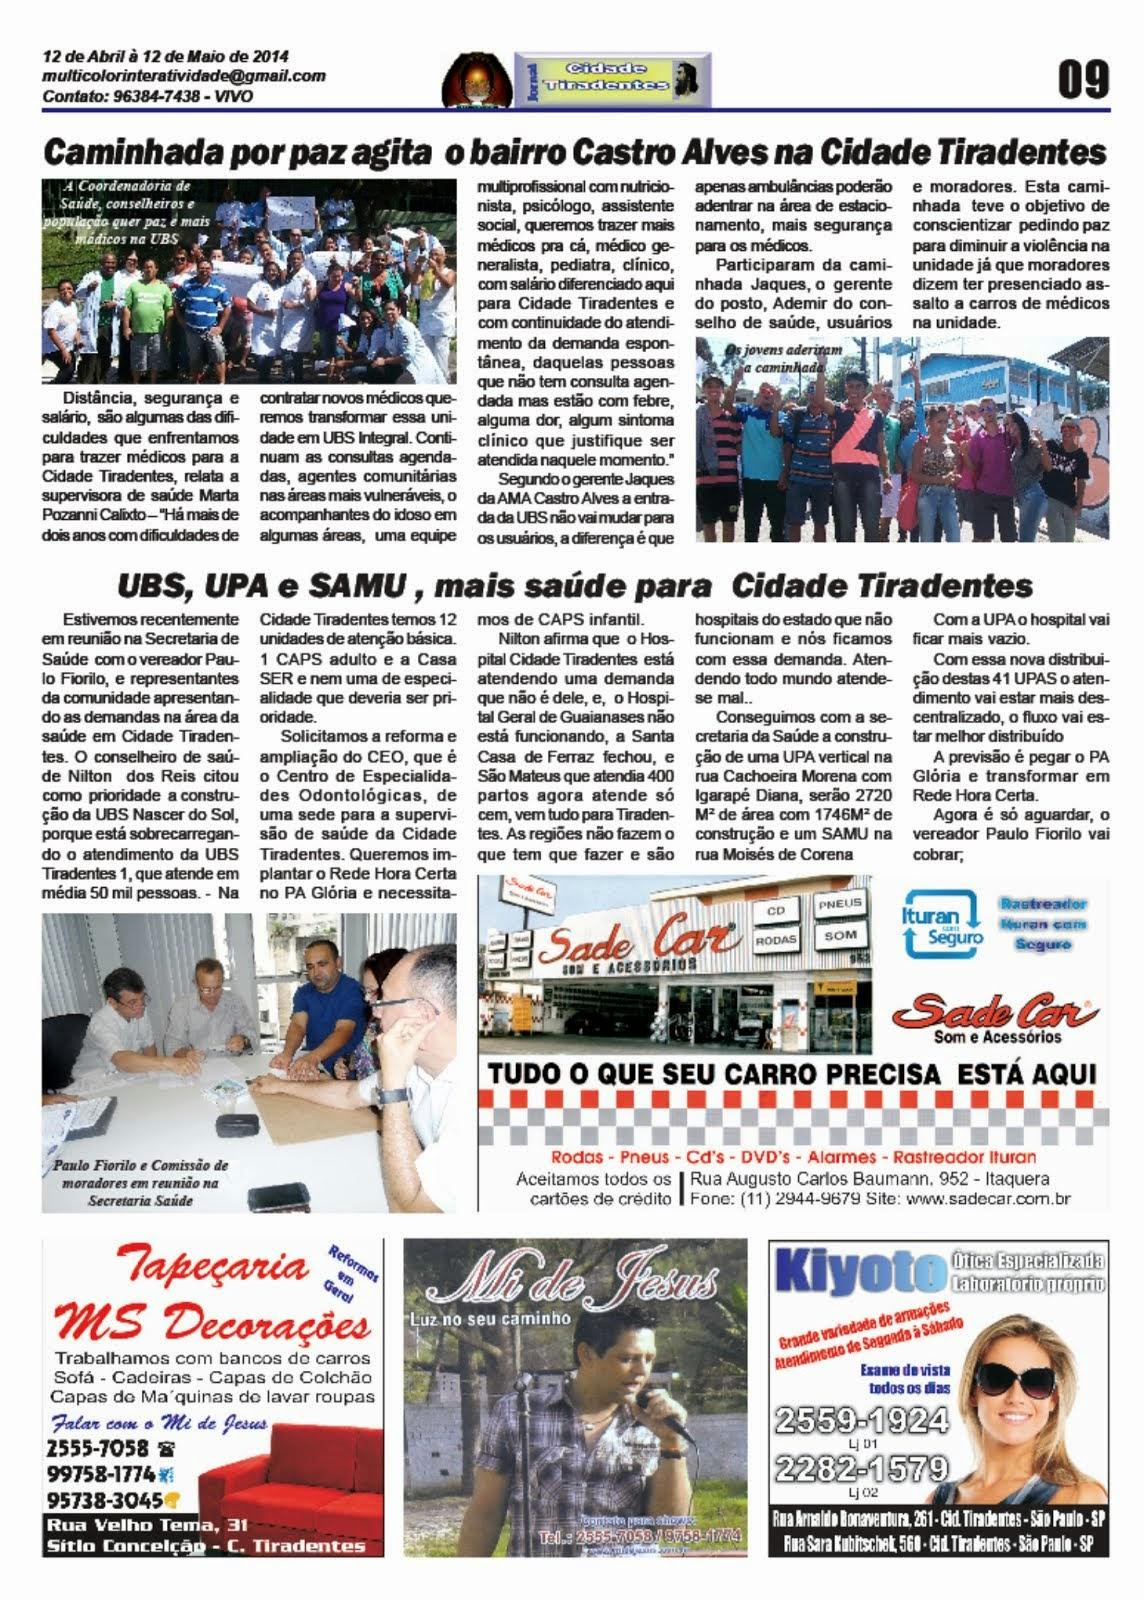 Página 09